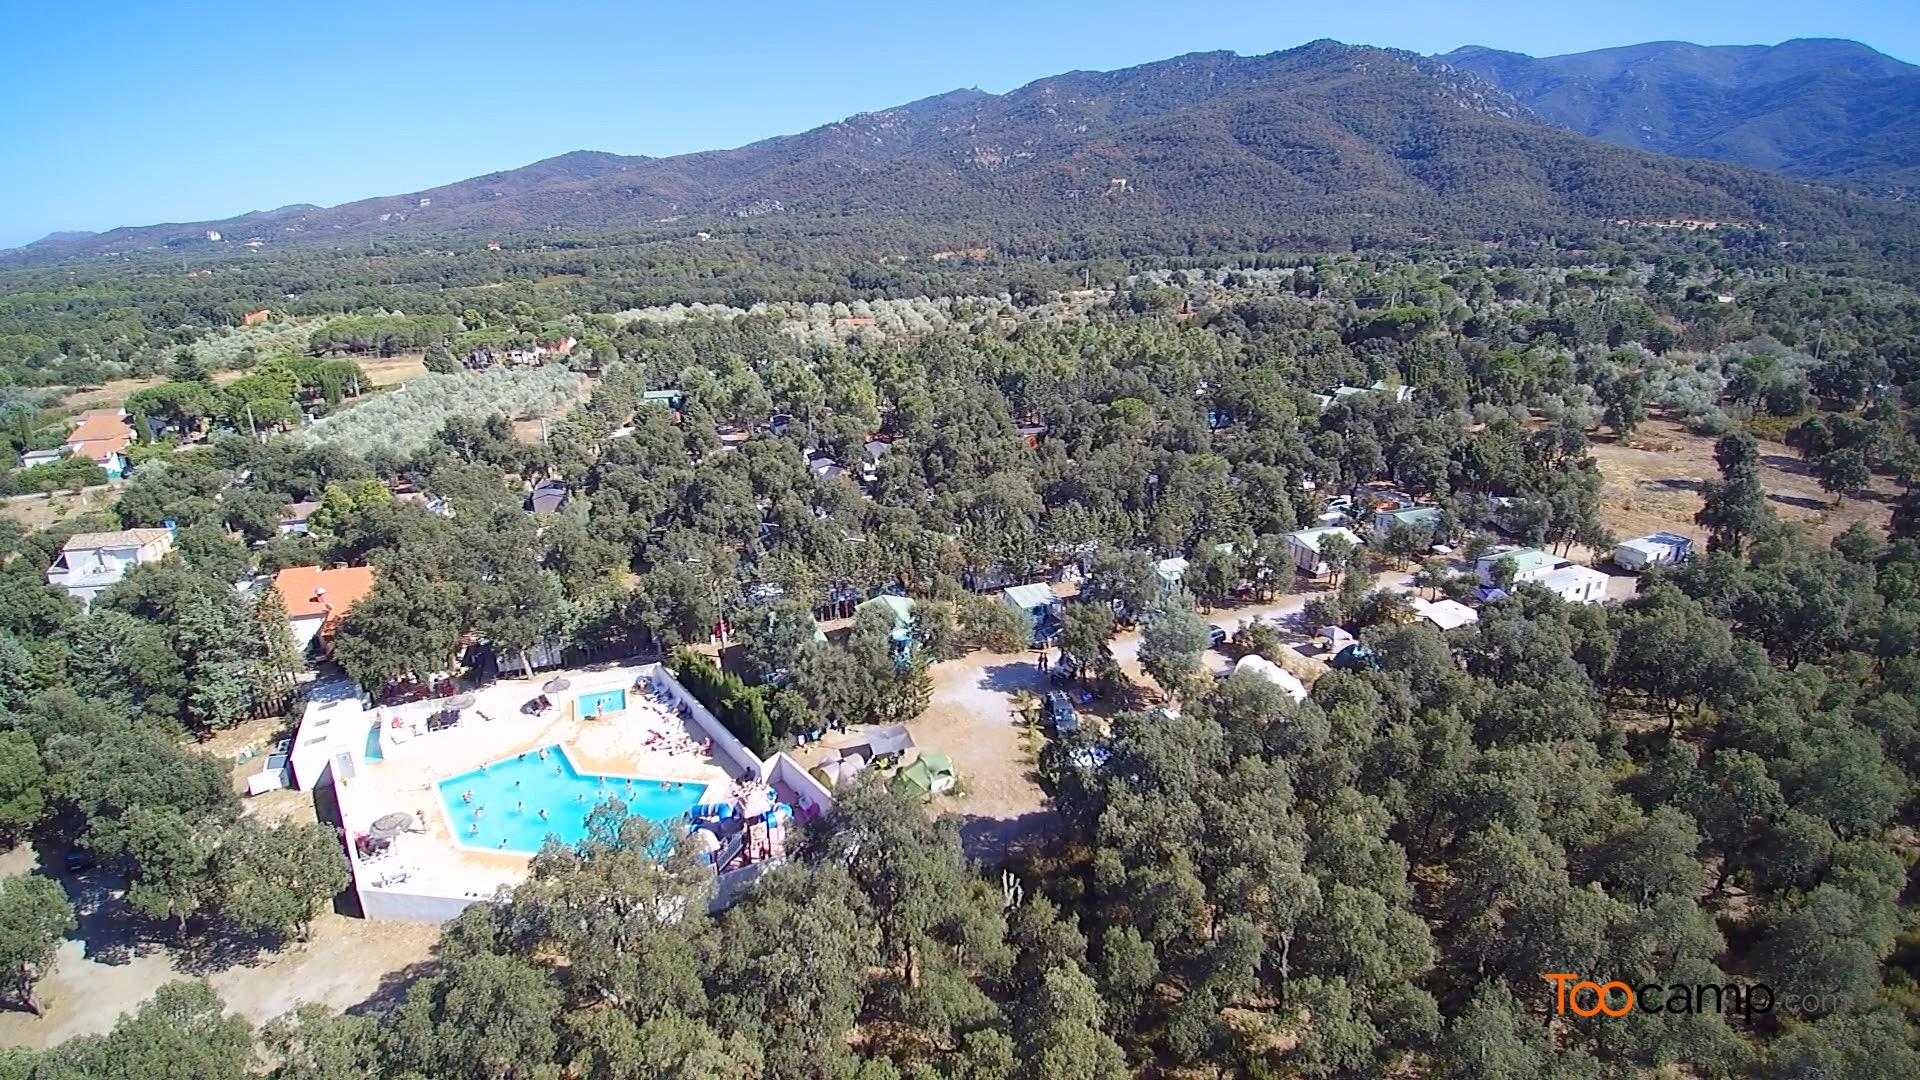 Camping - Le Romarin - Argelès-sur-Mer - Languedoc-Roussillon - France